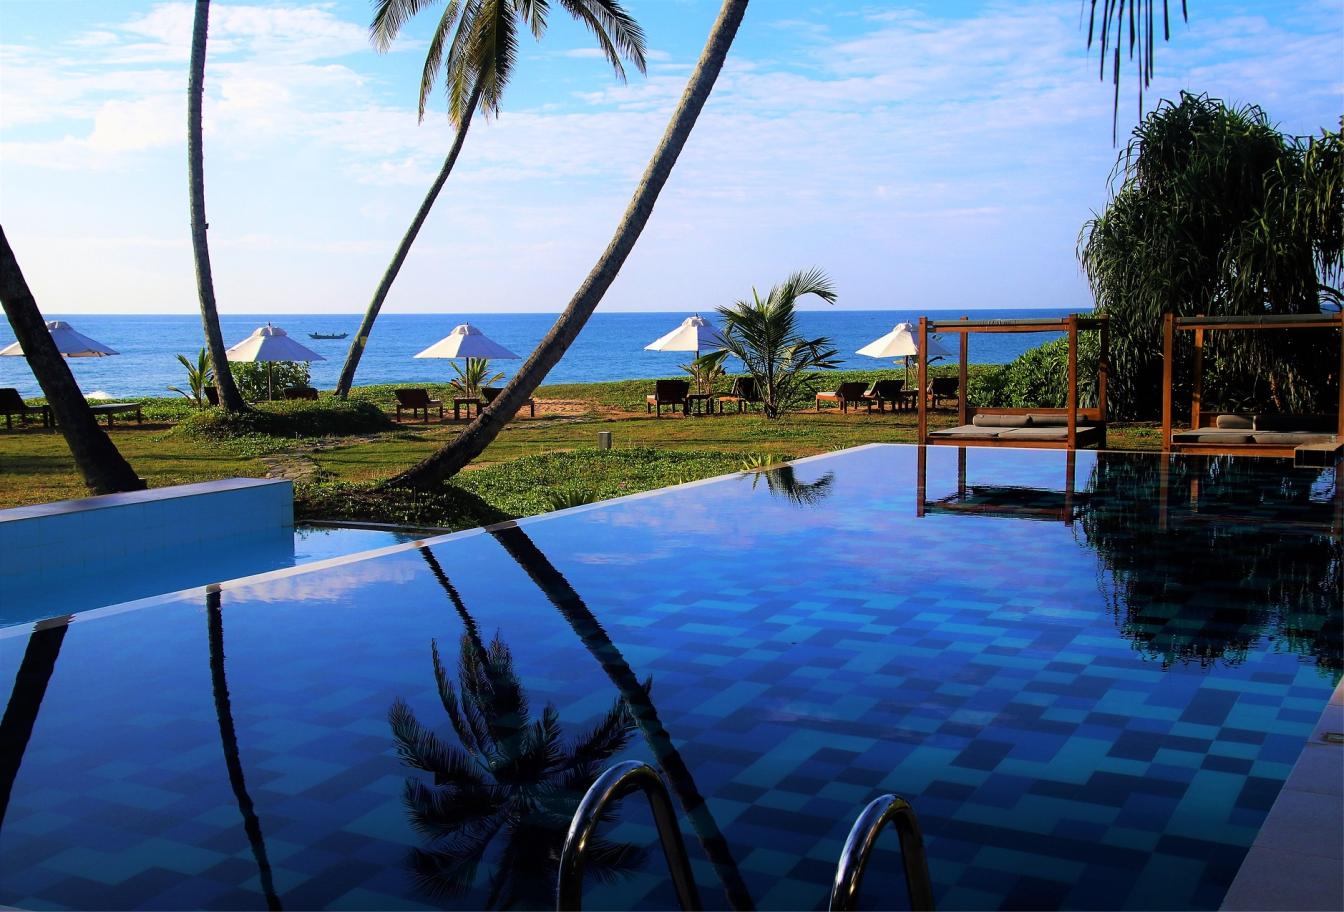 Купить тур на Шри-Ланку